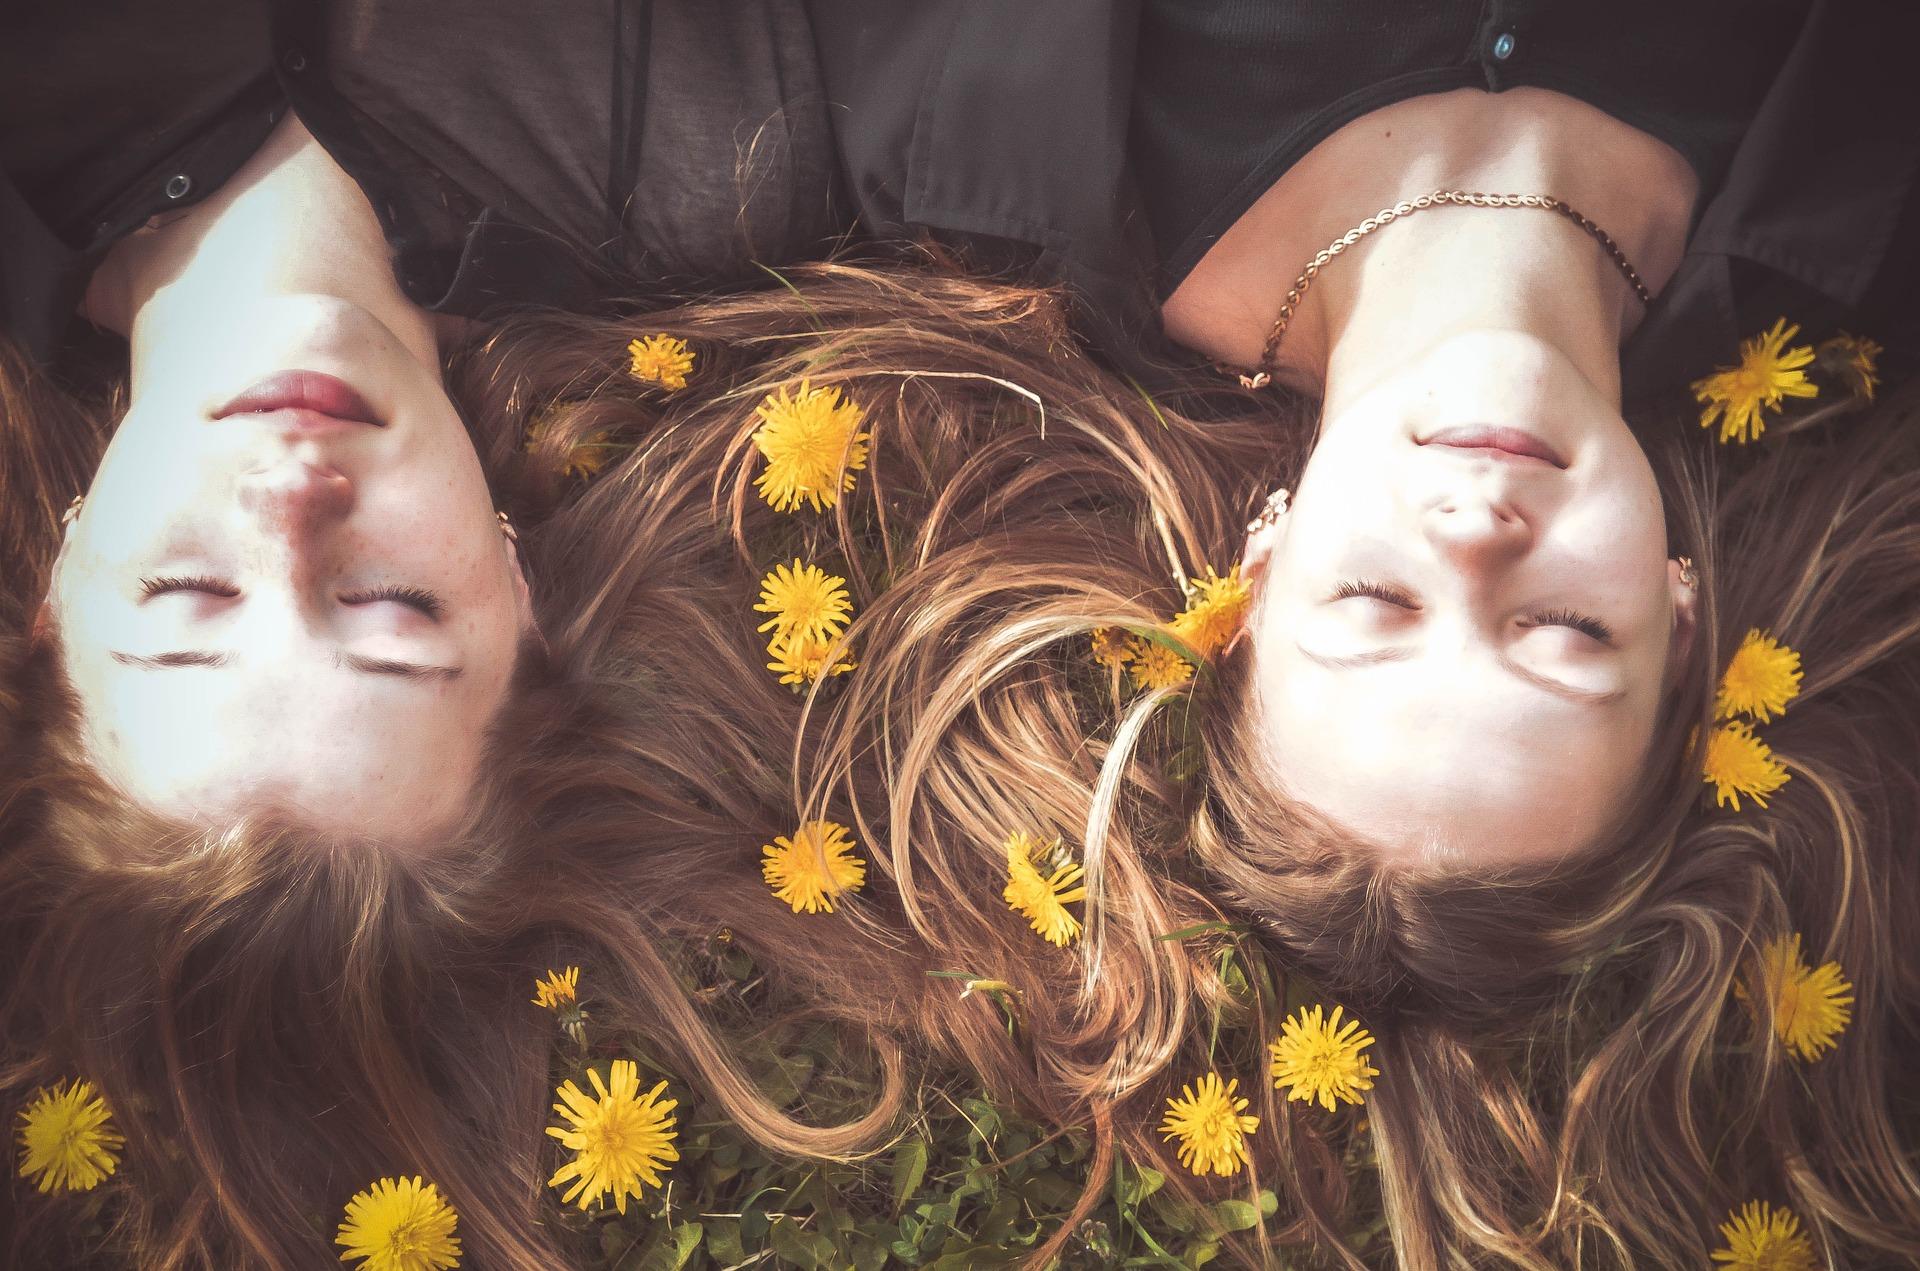 Duas meninas deitadas no chão com flores em volta da cabeça